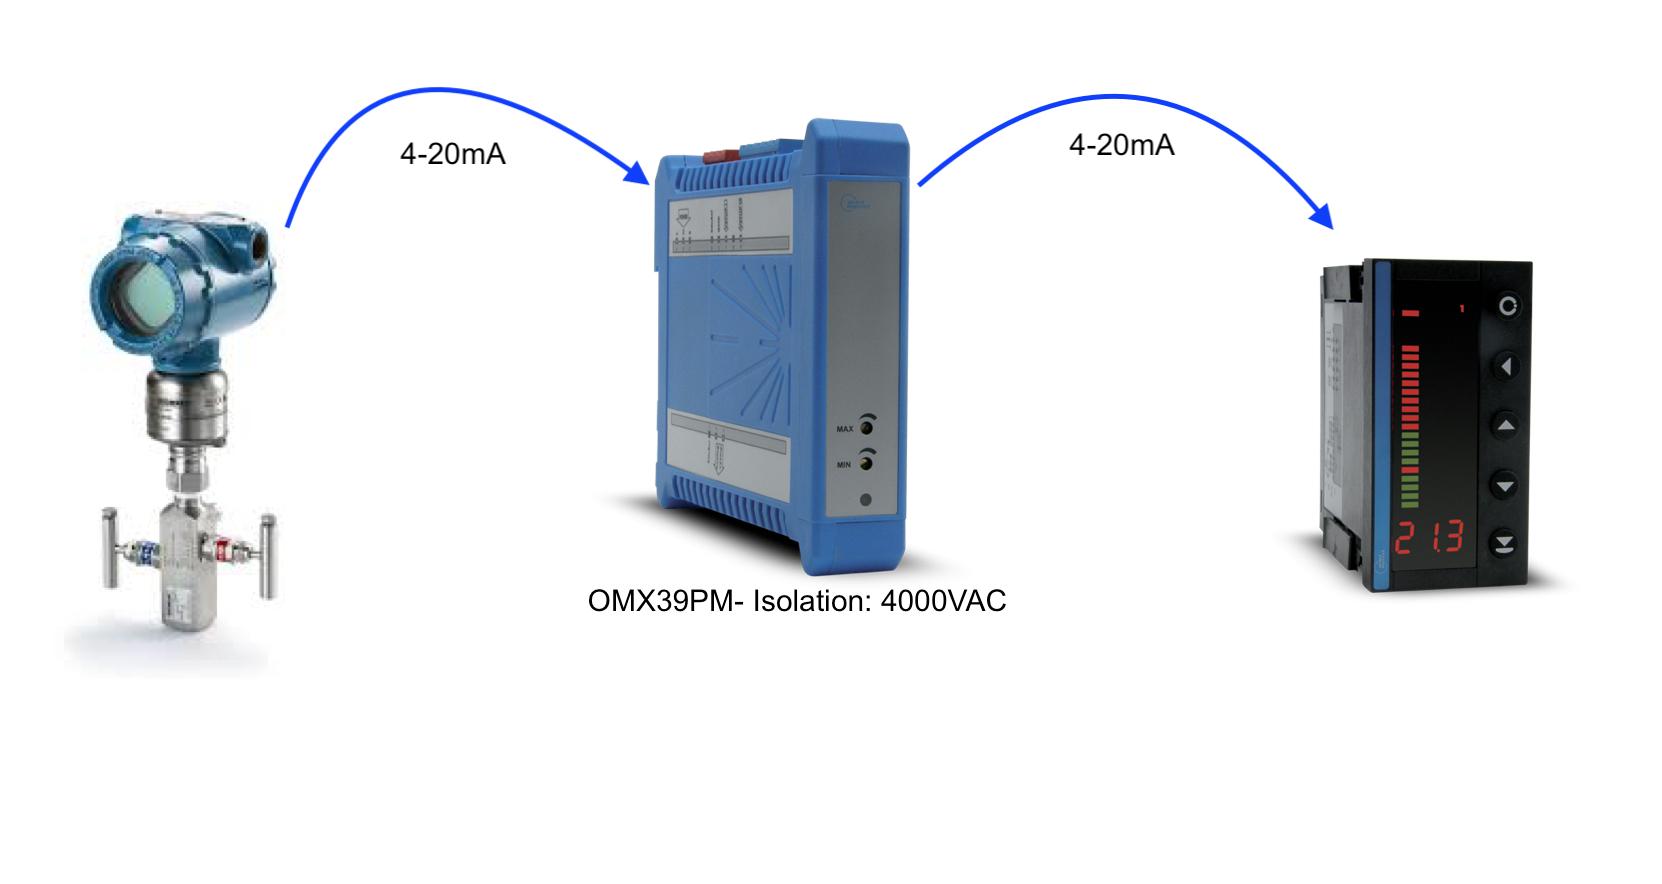 Dòng cách ly 4-20mA hệ số 4000VAC